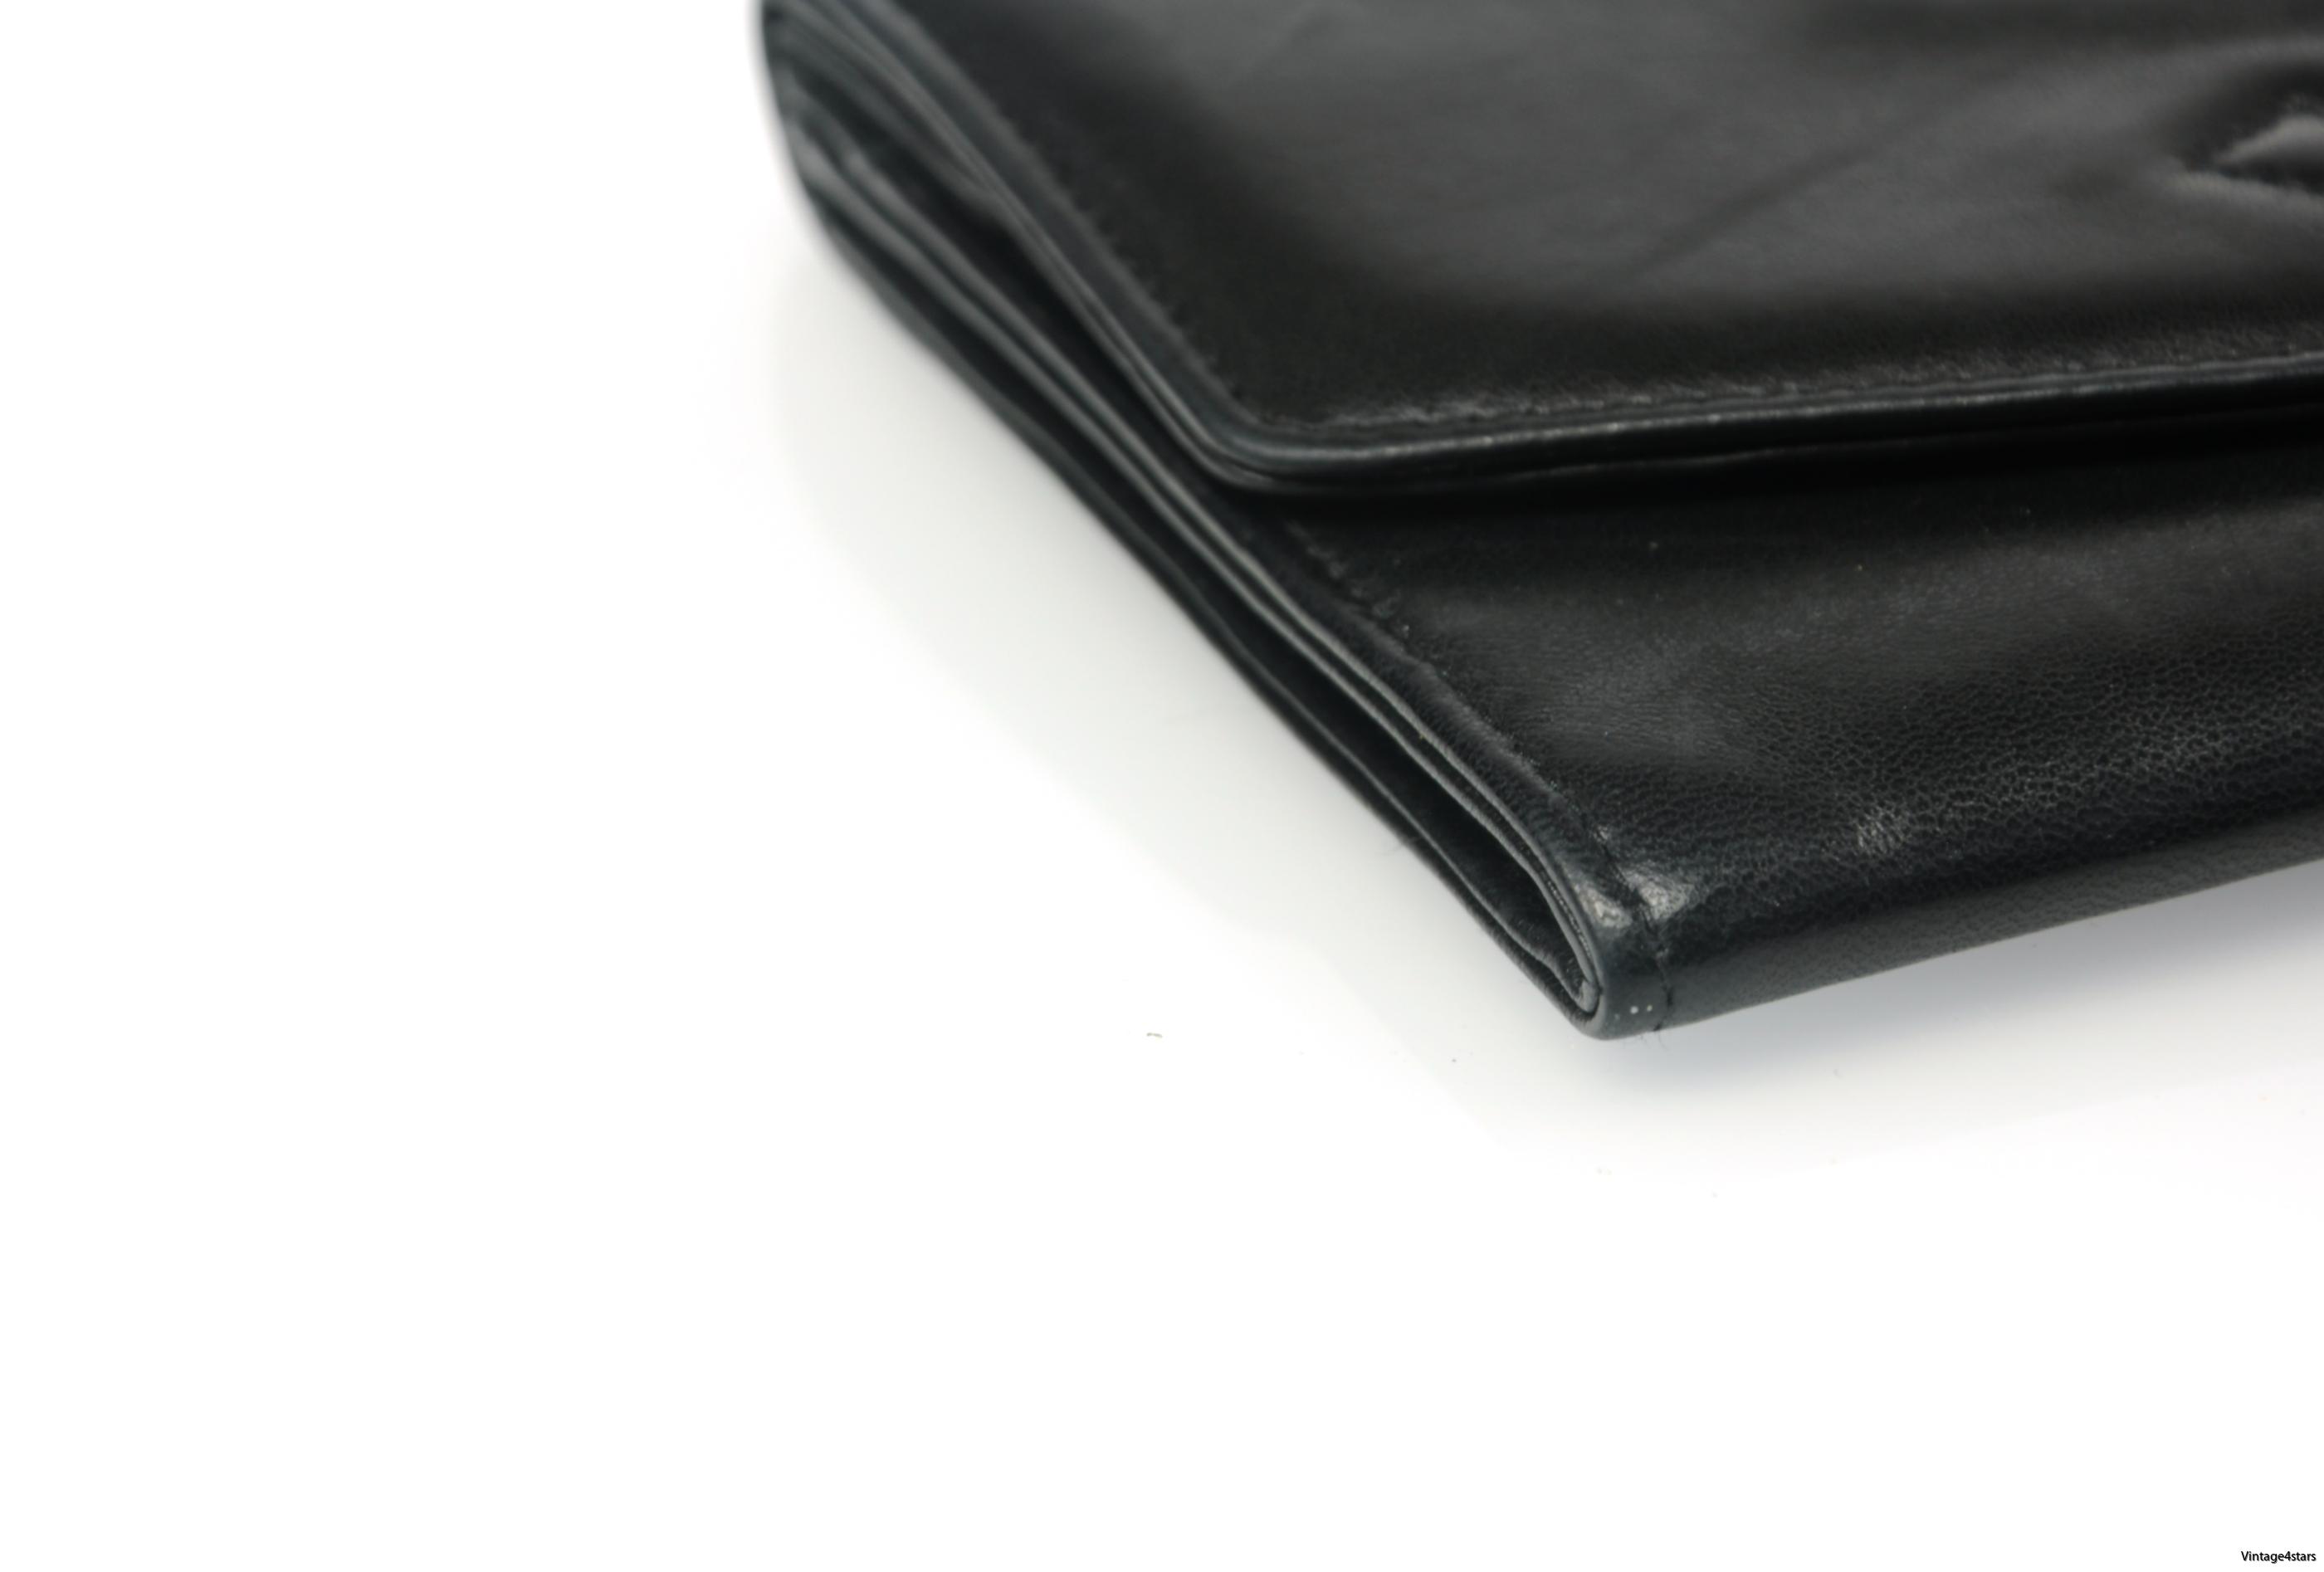 CHANEL Long wallet 27